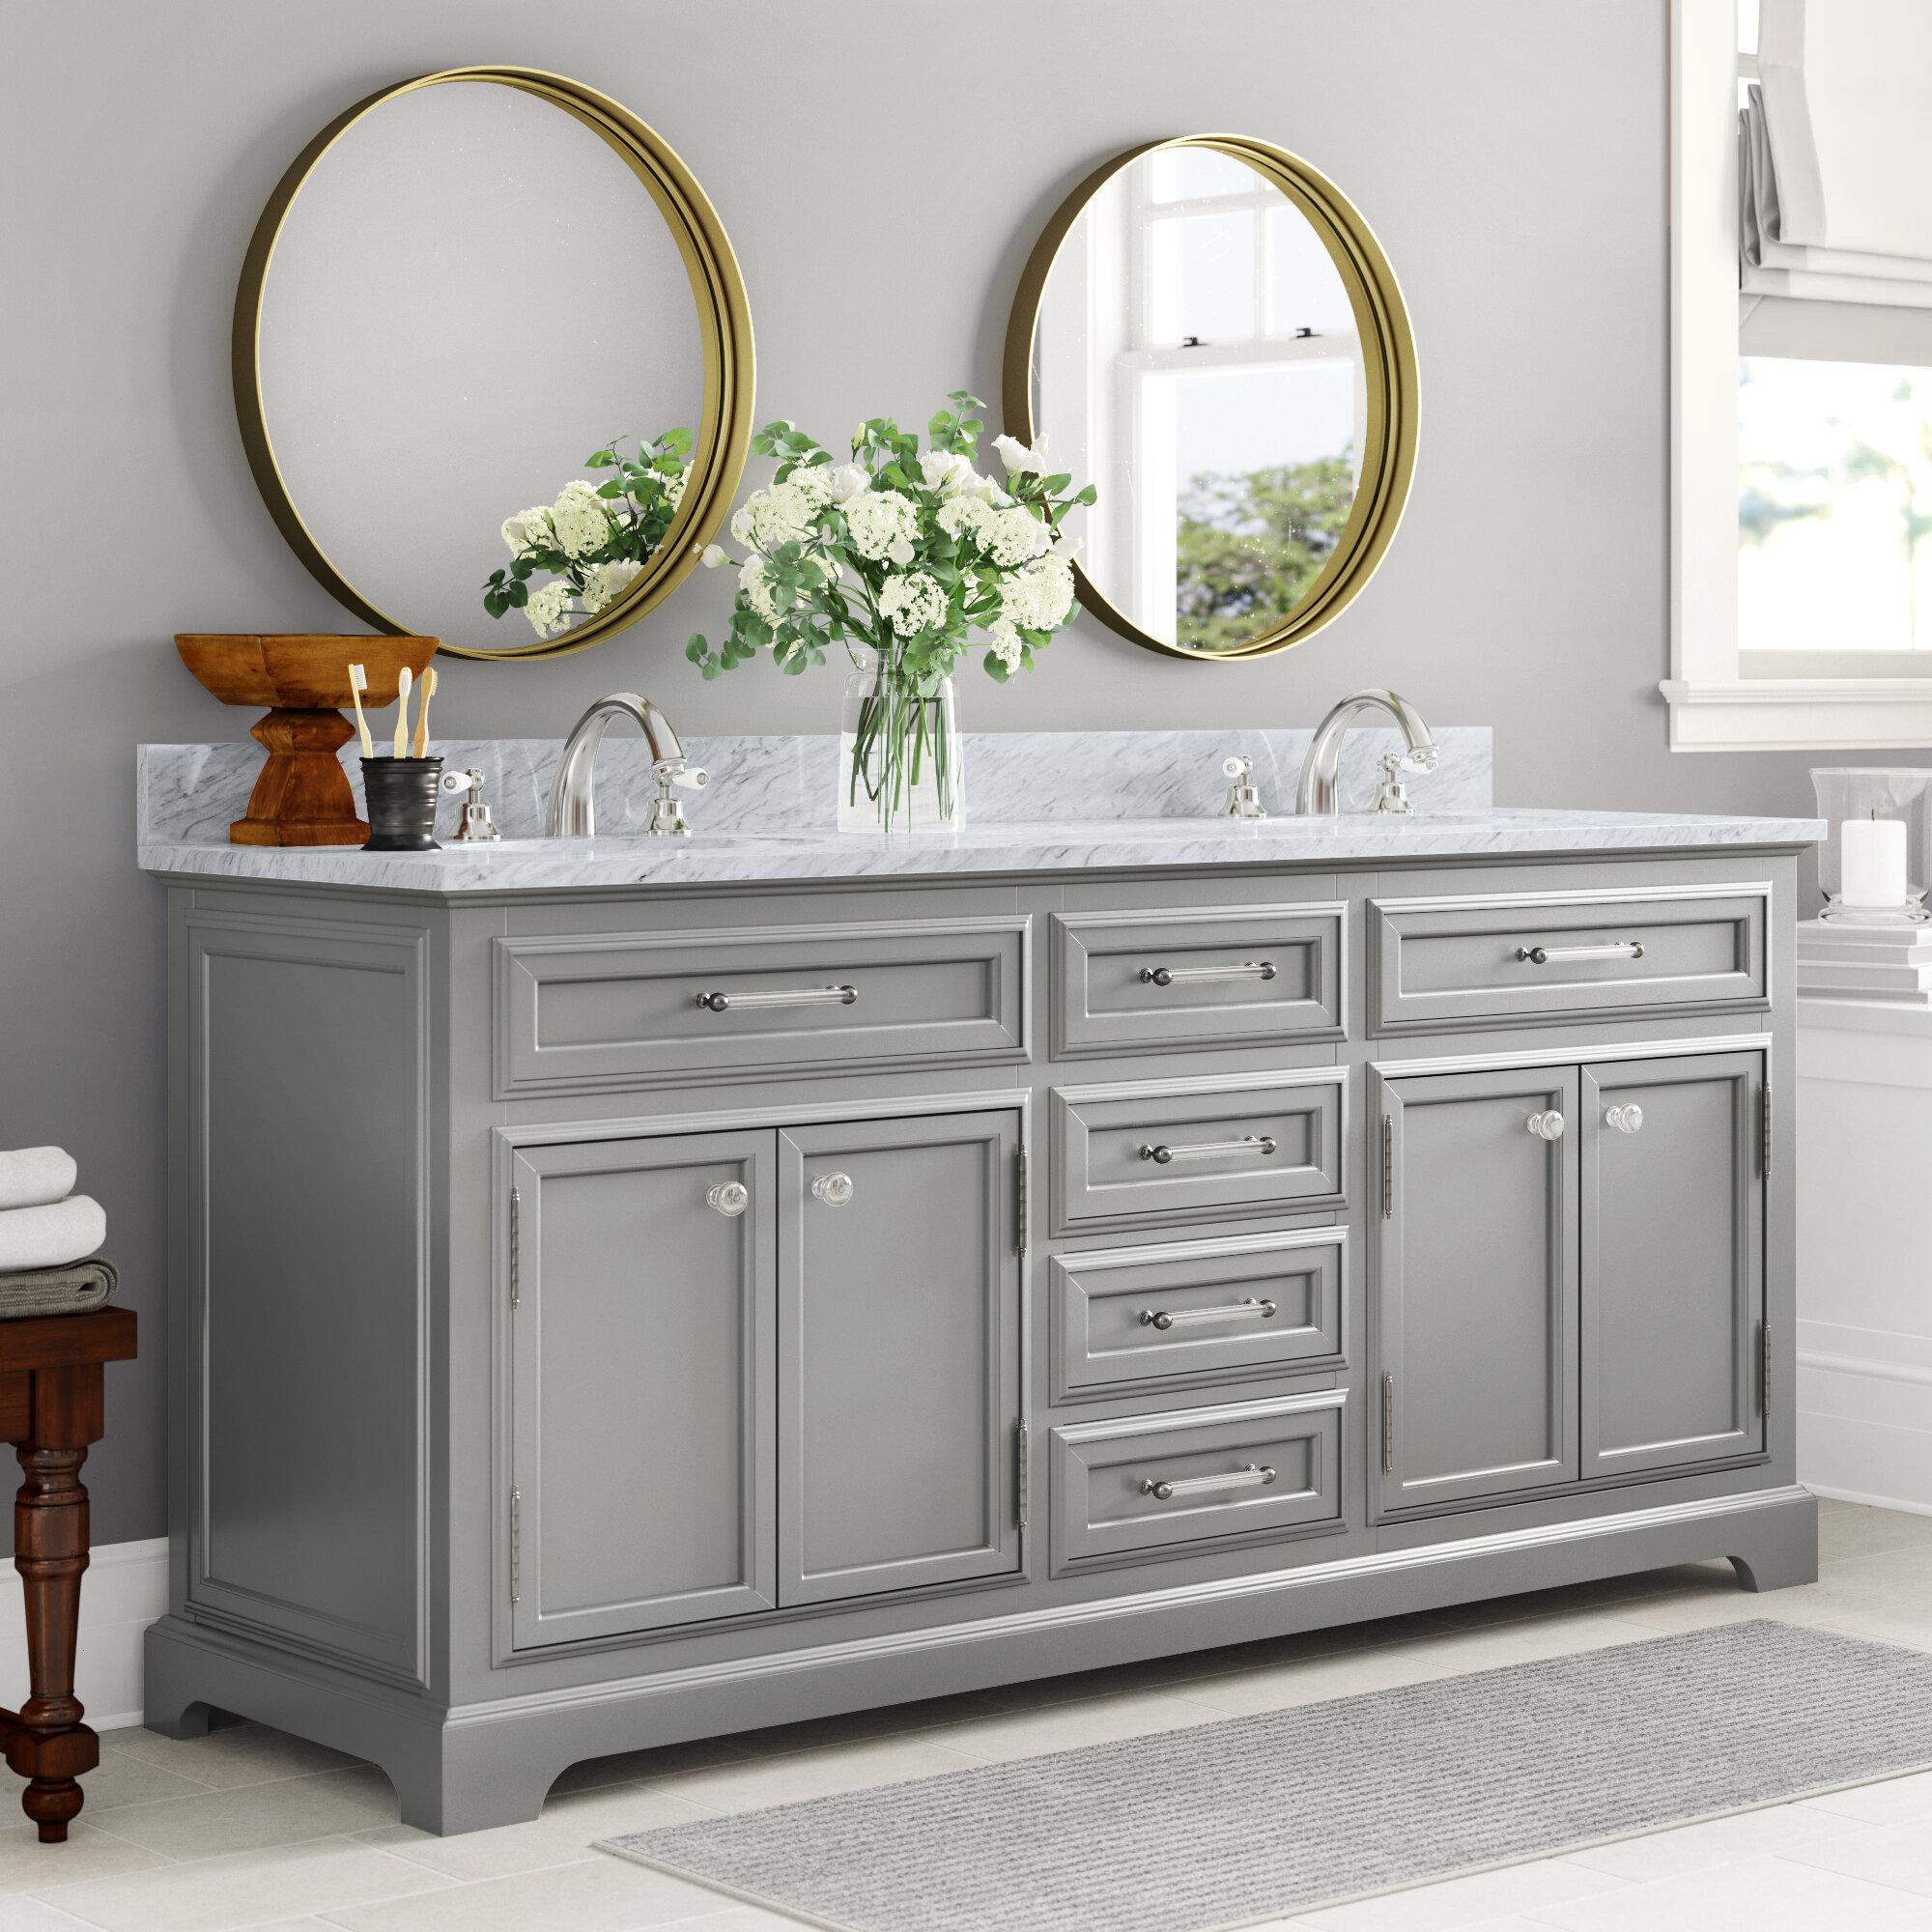 72 Inch Solid Wood Bathroom Vanities You Ll Love In 2021 Wayfair